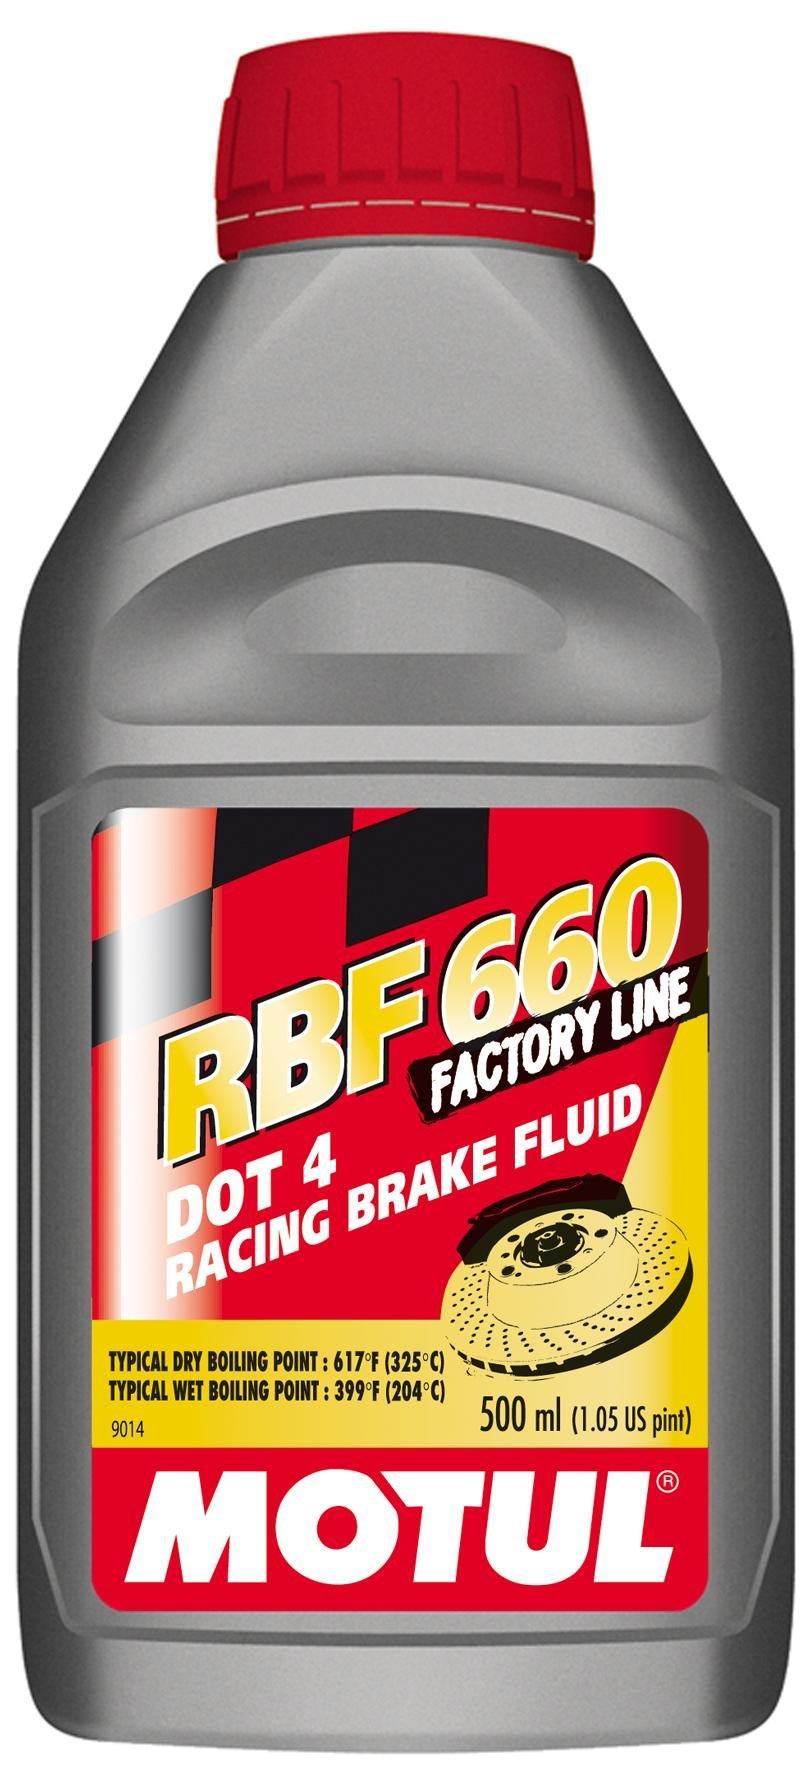 Motul RBF 660 - Racing DOT 4 Brake Fluid 500ml (Pack of 4)